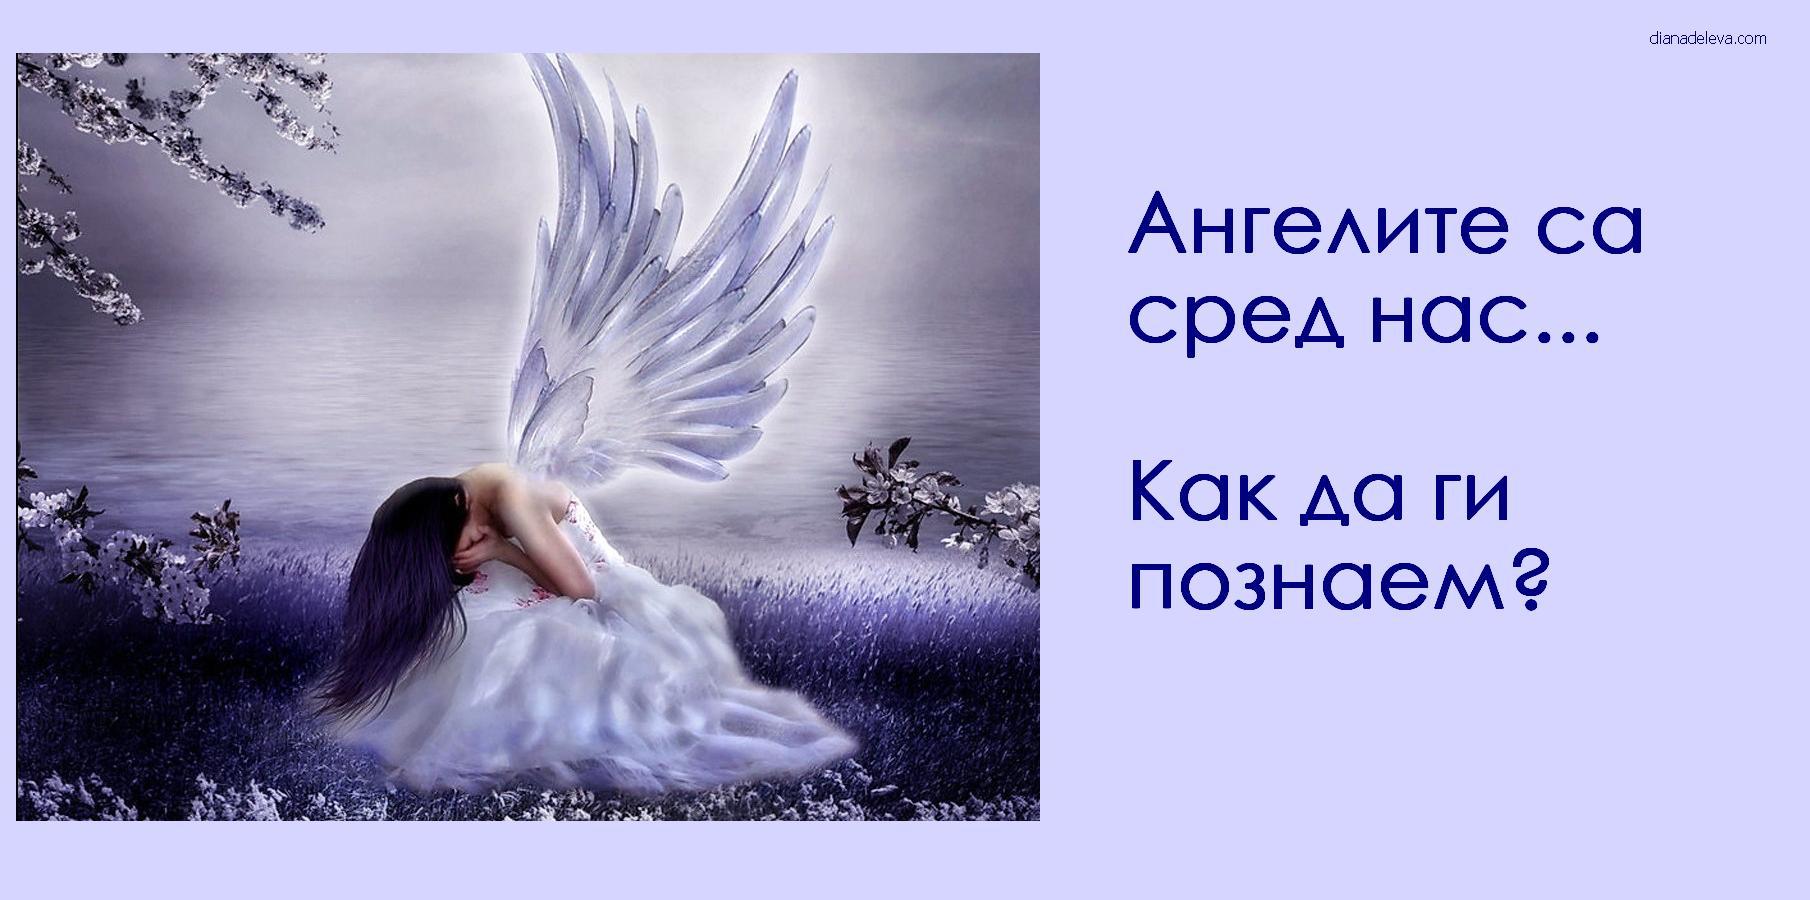 Ангели на земята са ред нас как да ги познаем Angeli na zemiata 8 sa sred nas kak da gi poznaem